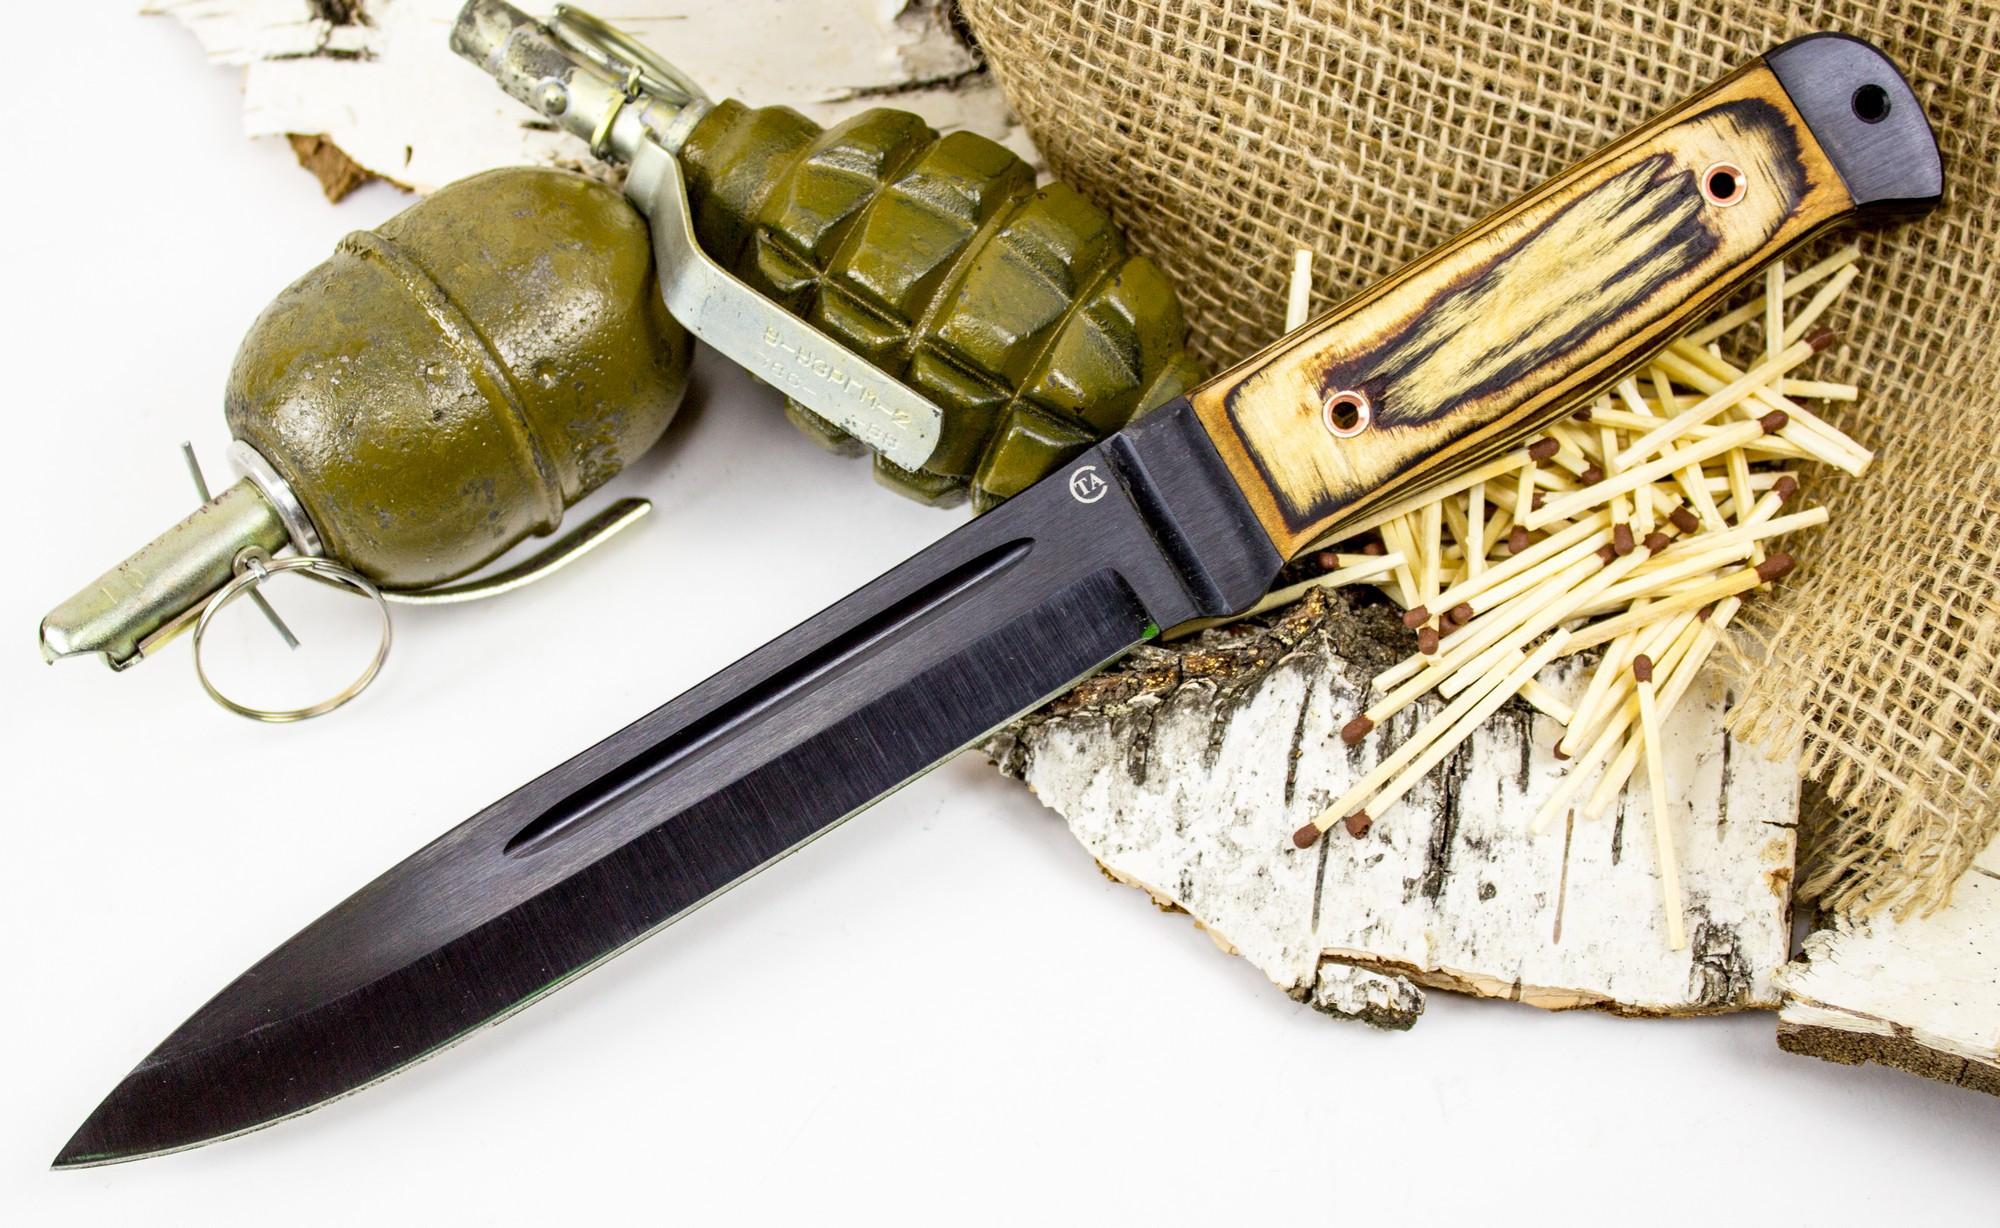 Нож Горец-2, сталь 65Г, бакелитовая фанера от Титов и Солдатова